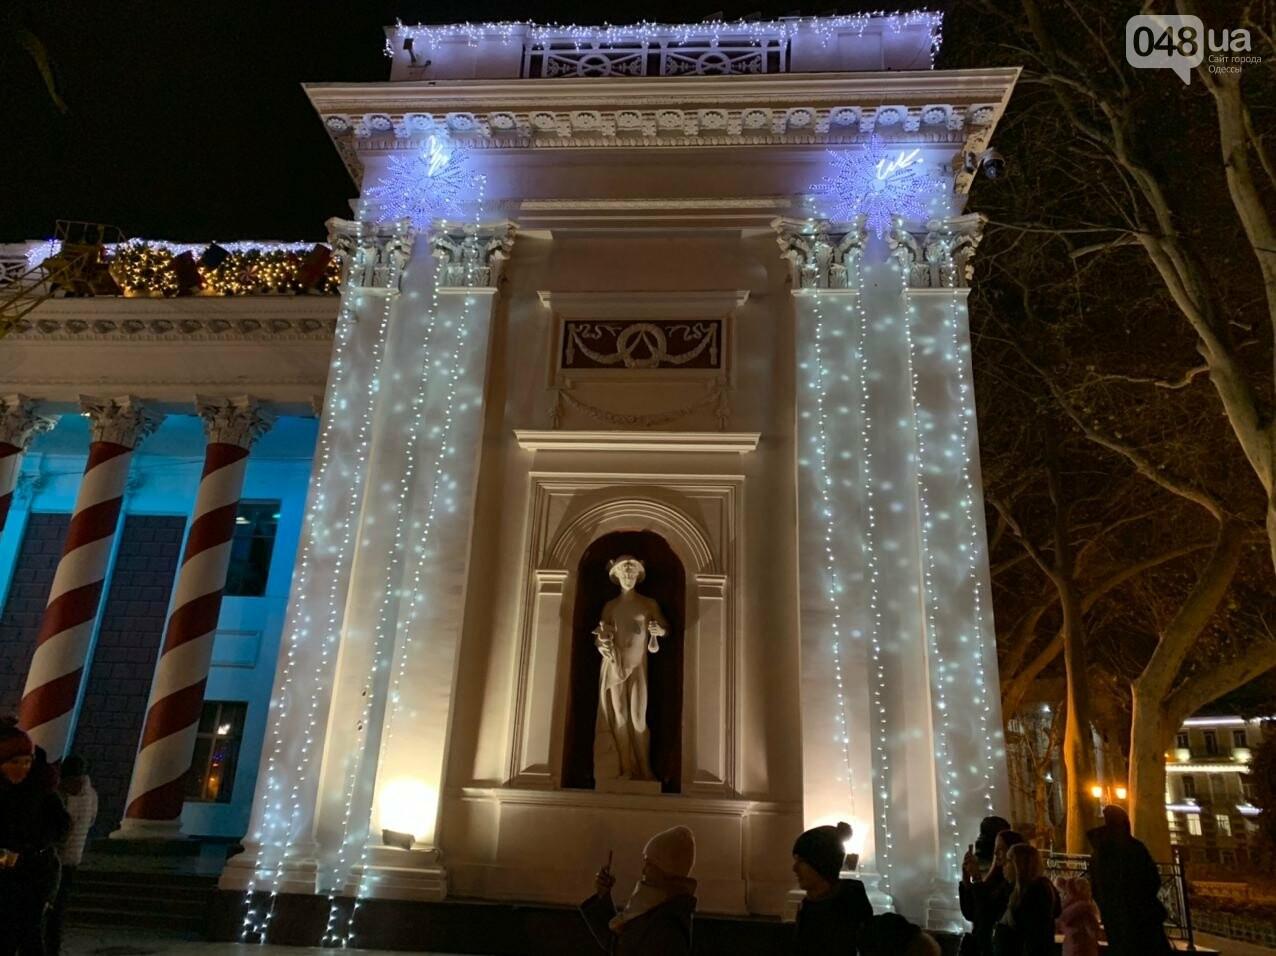 Фоторепортаж: В Одессе зажгли главную елку города, - ФОТО, ВИДЕО, фото-2